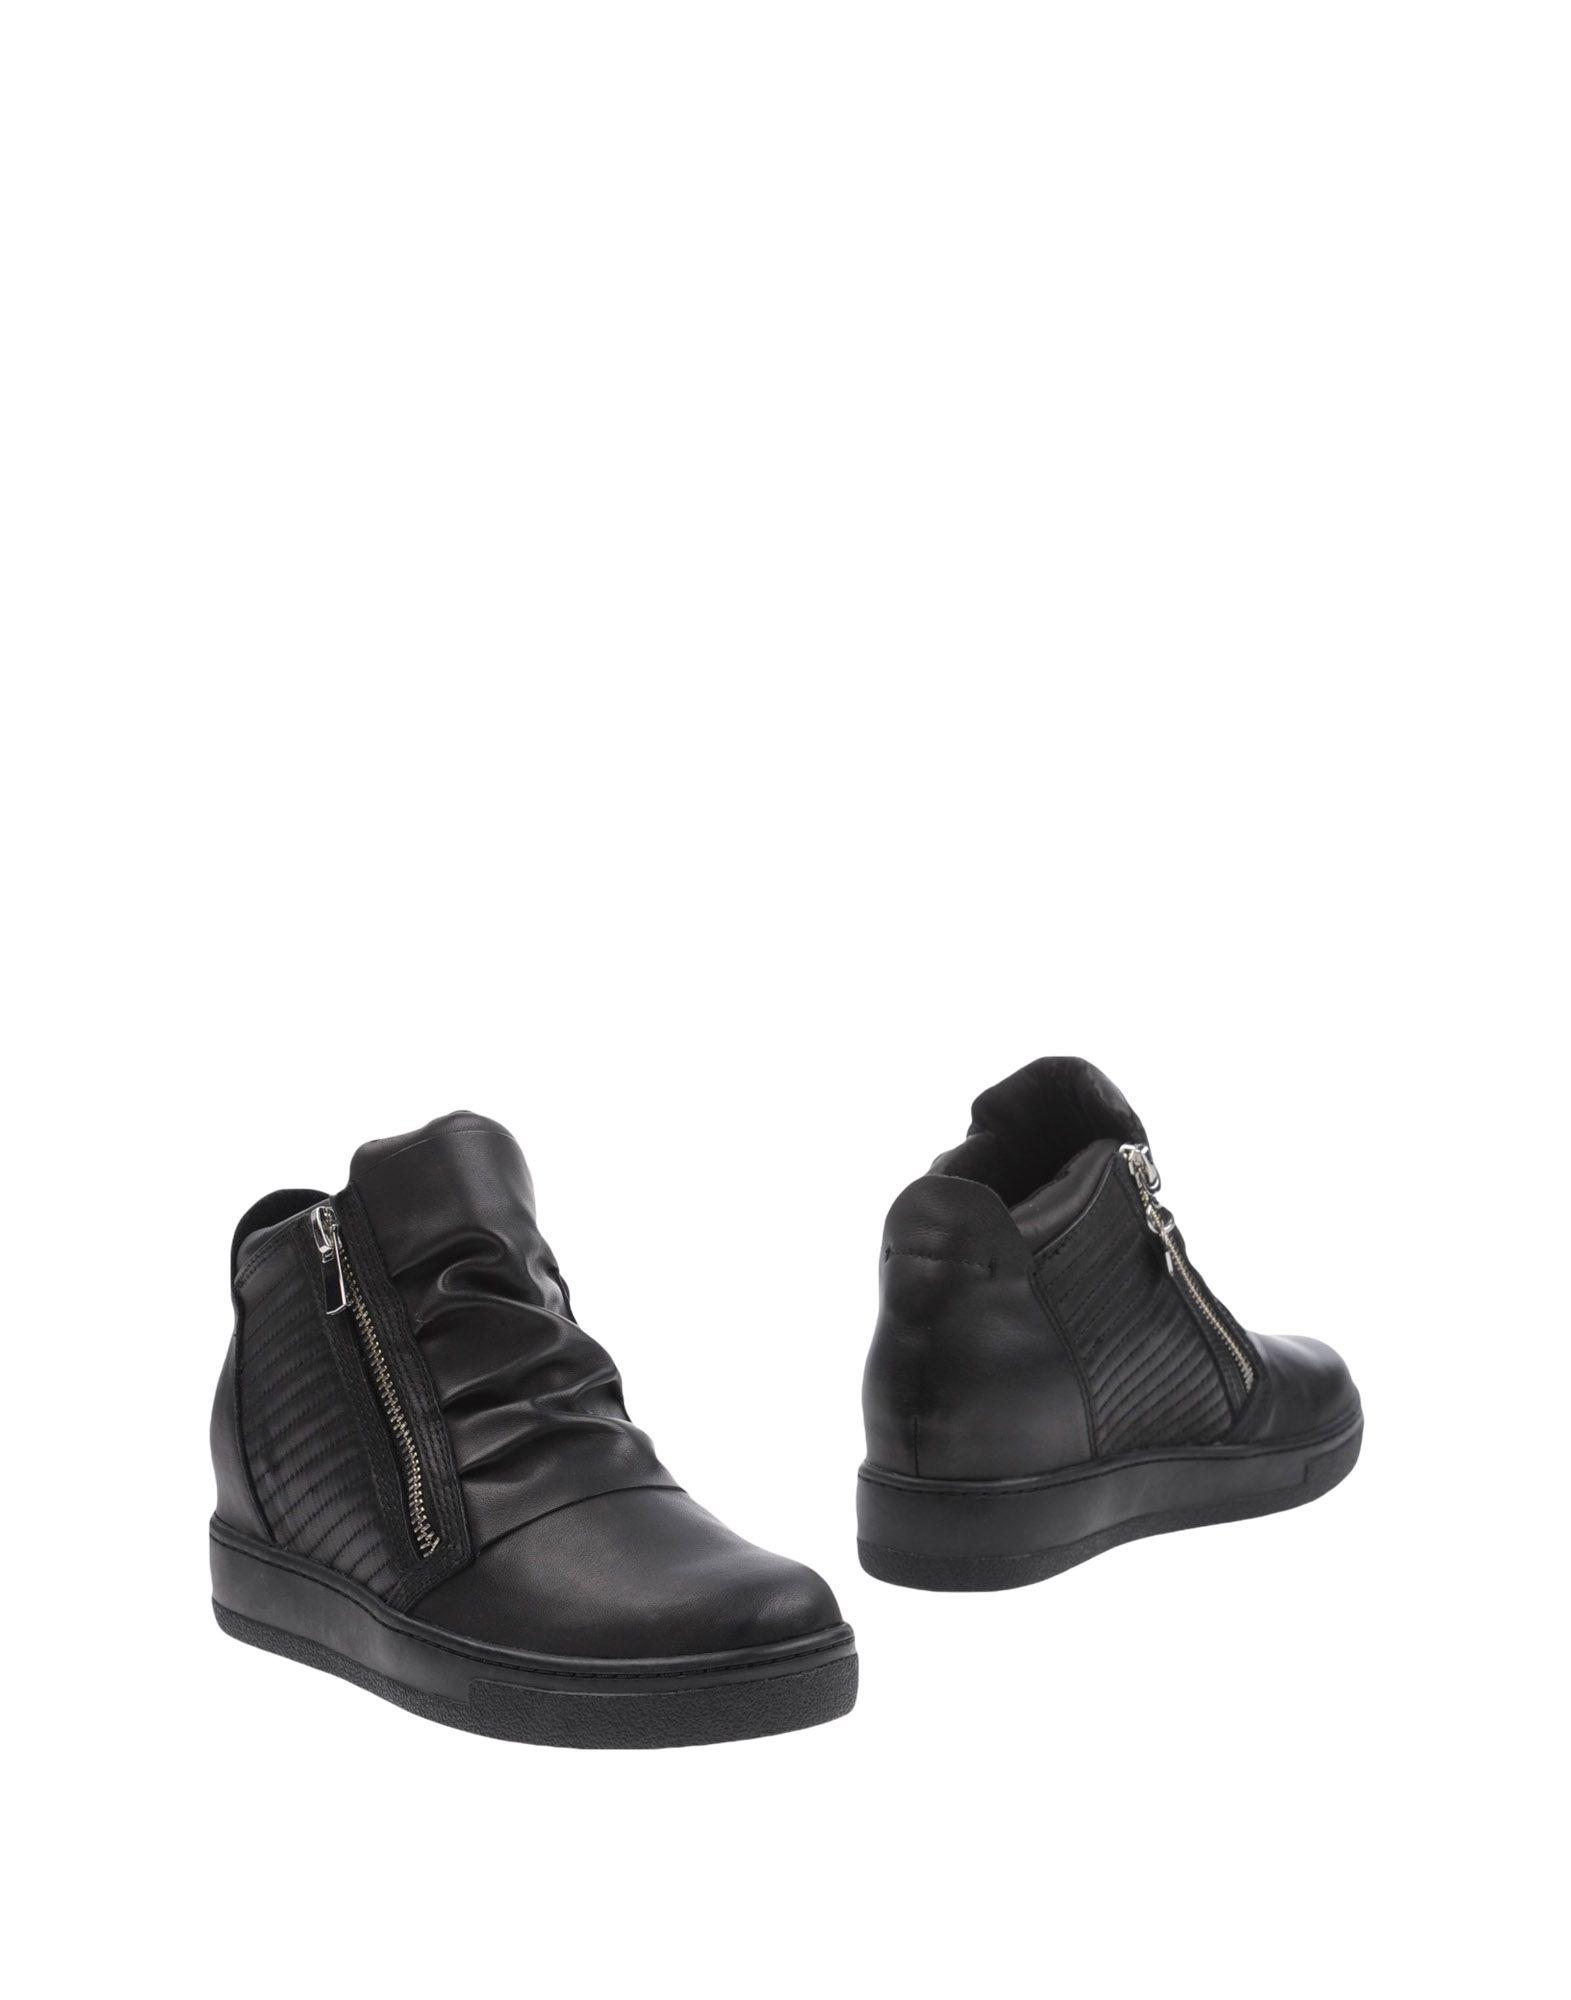 Hypnosi Stiefelette Damen  11222911GI Gute Qualität beliebte Schuhe